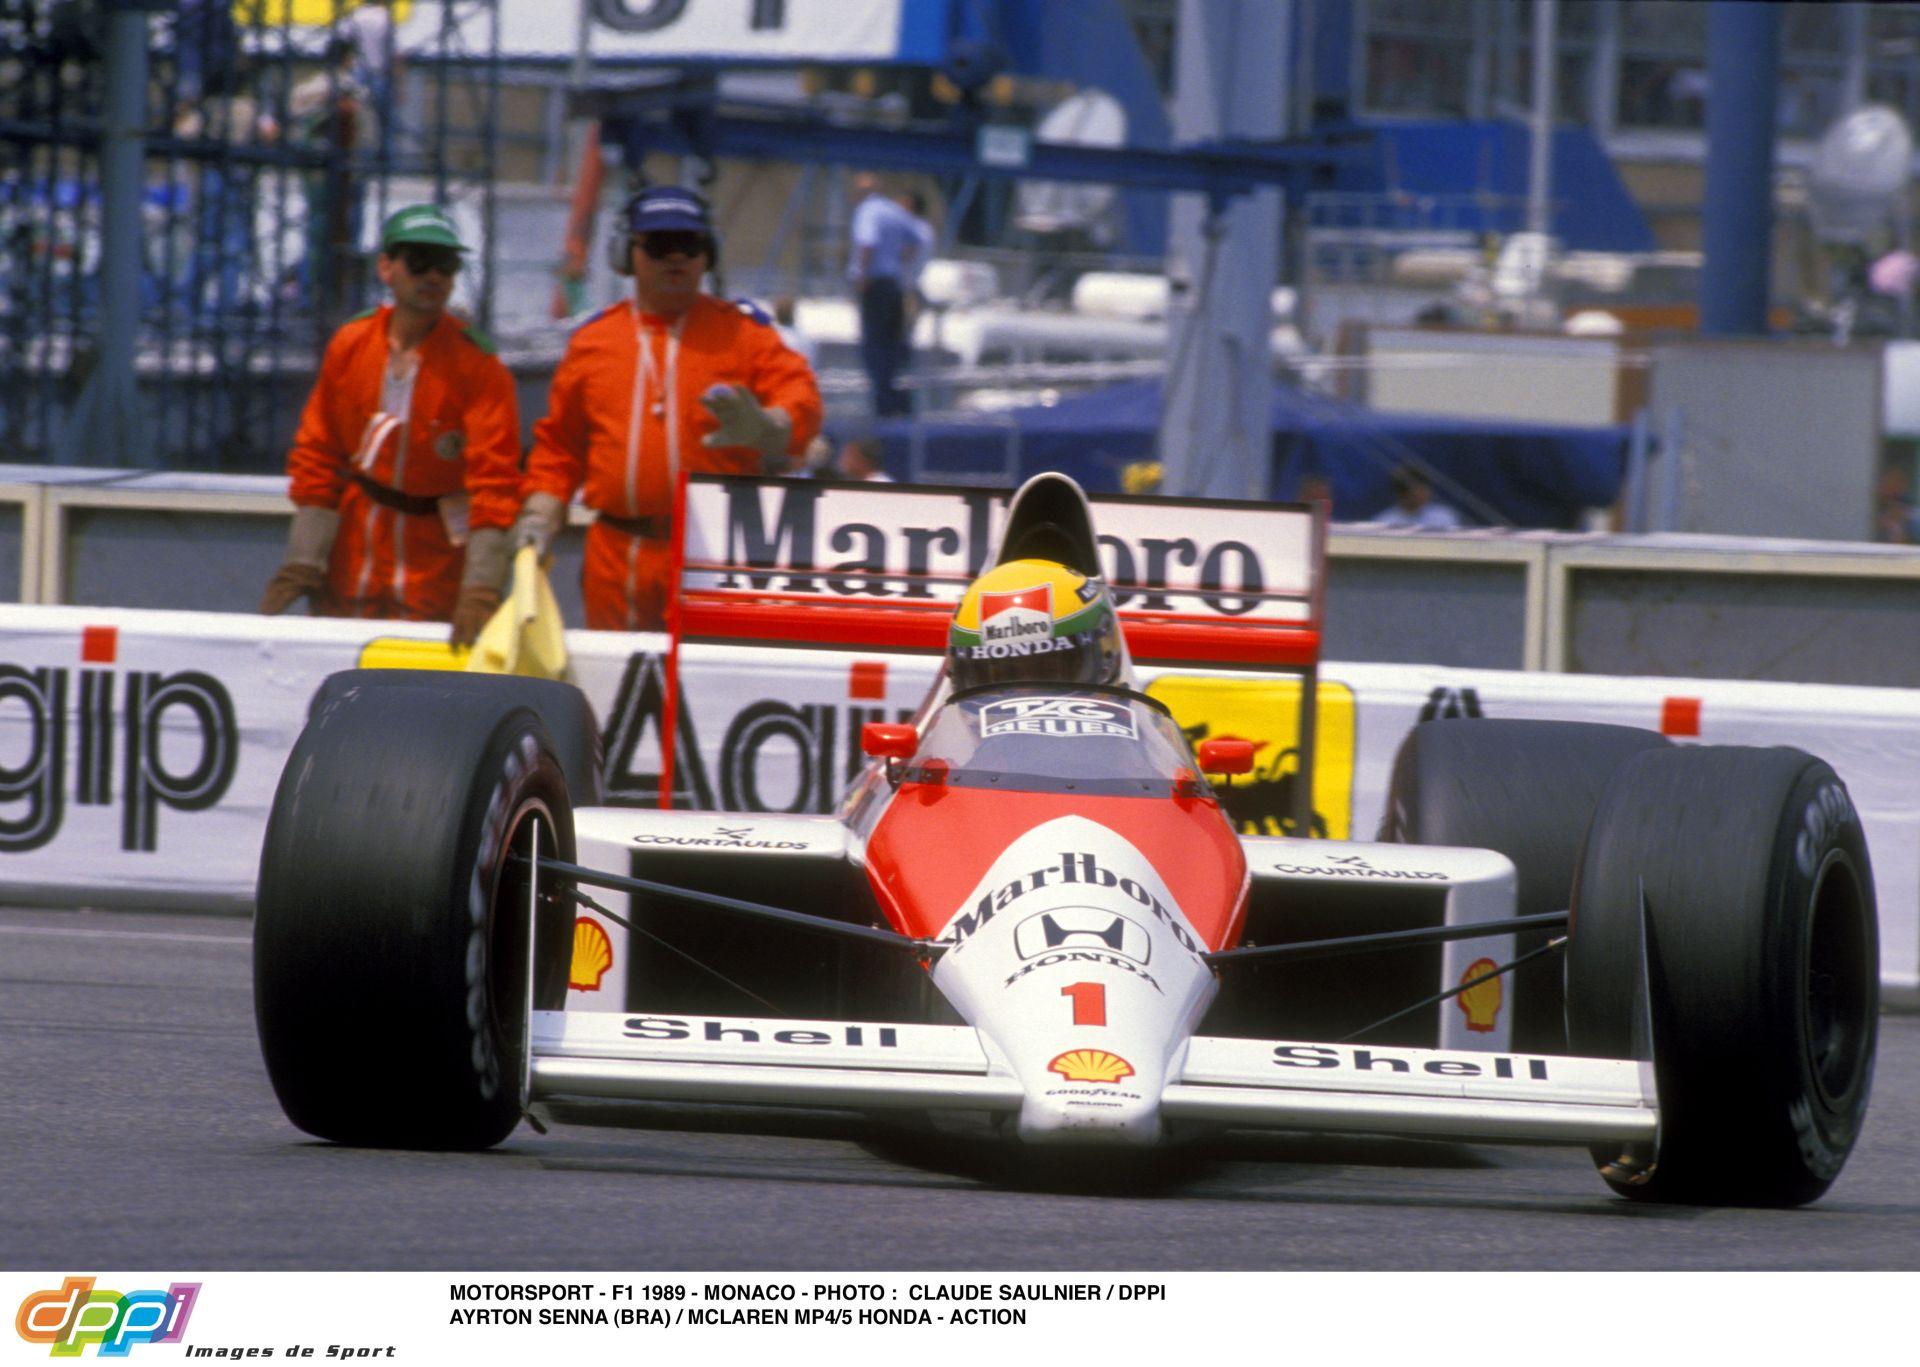 Így kell vezetni Monacóban: Ayrton Senna megmutatja